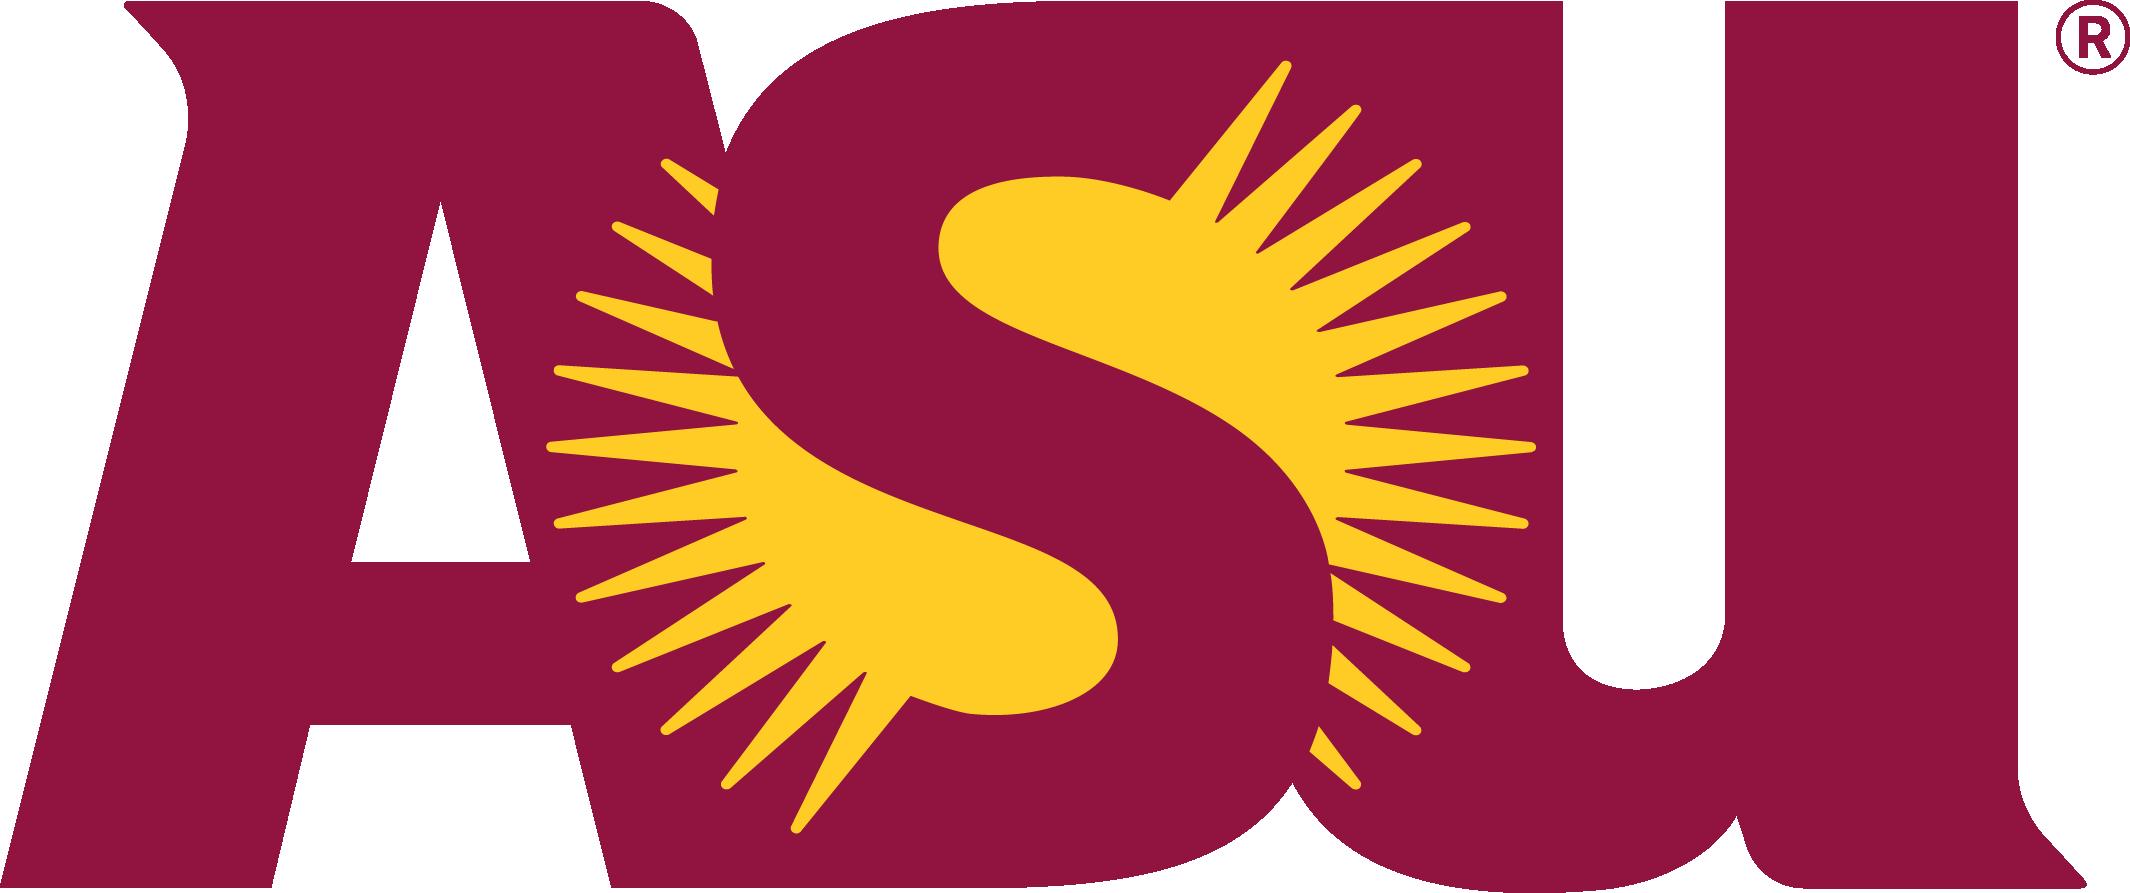 ASU Logo.